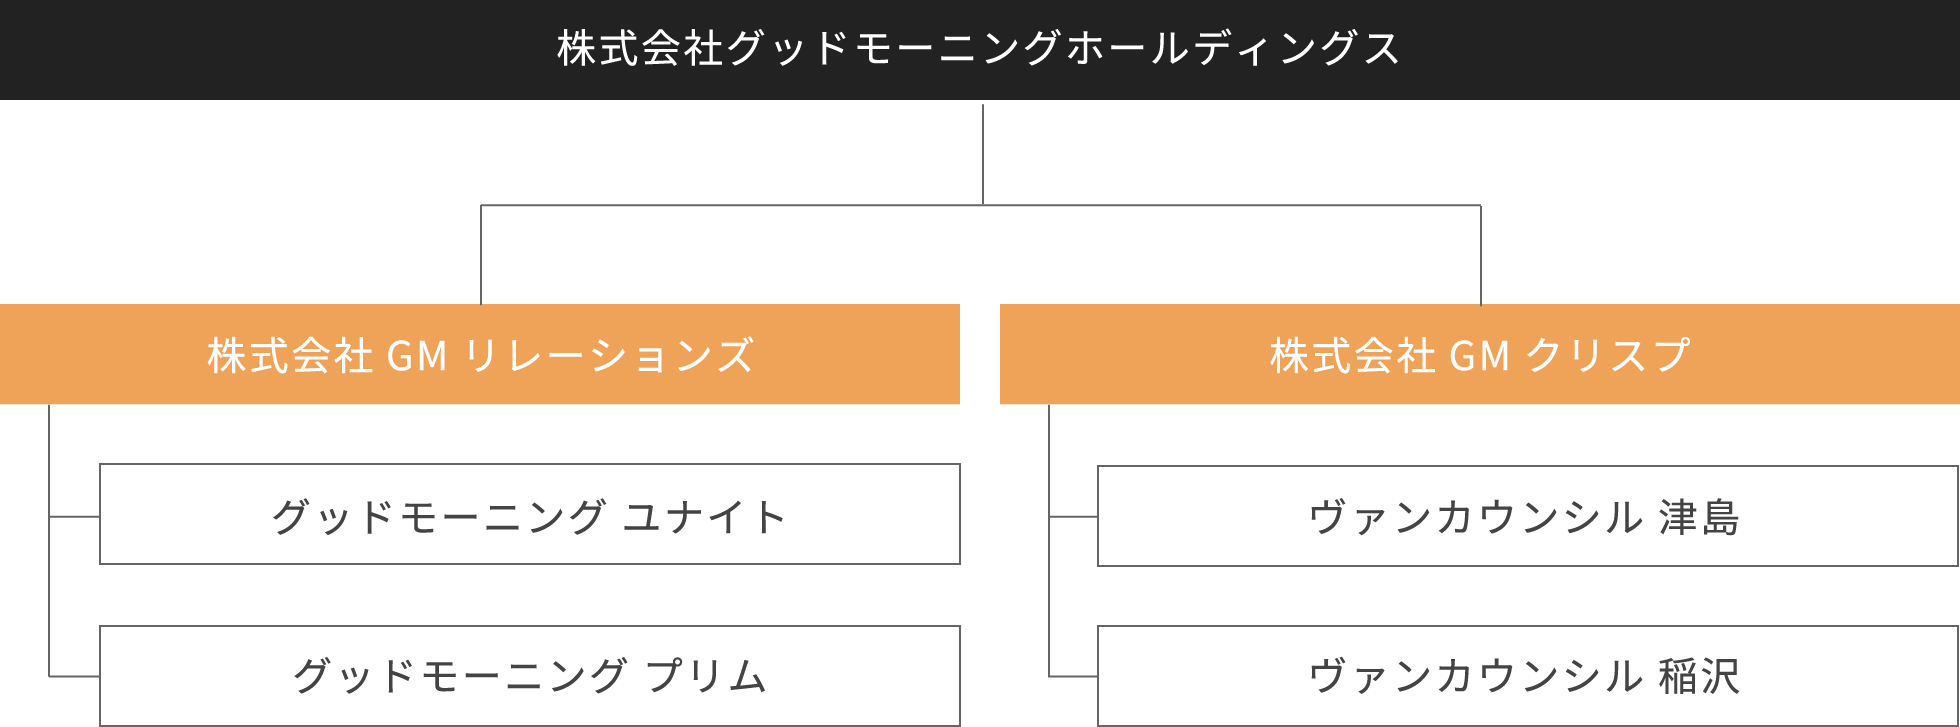 グループの組織図